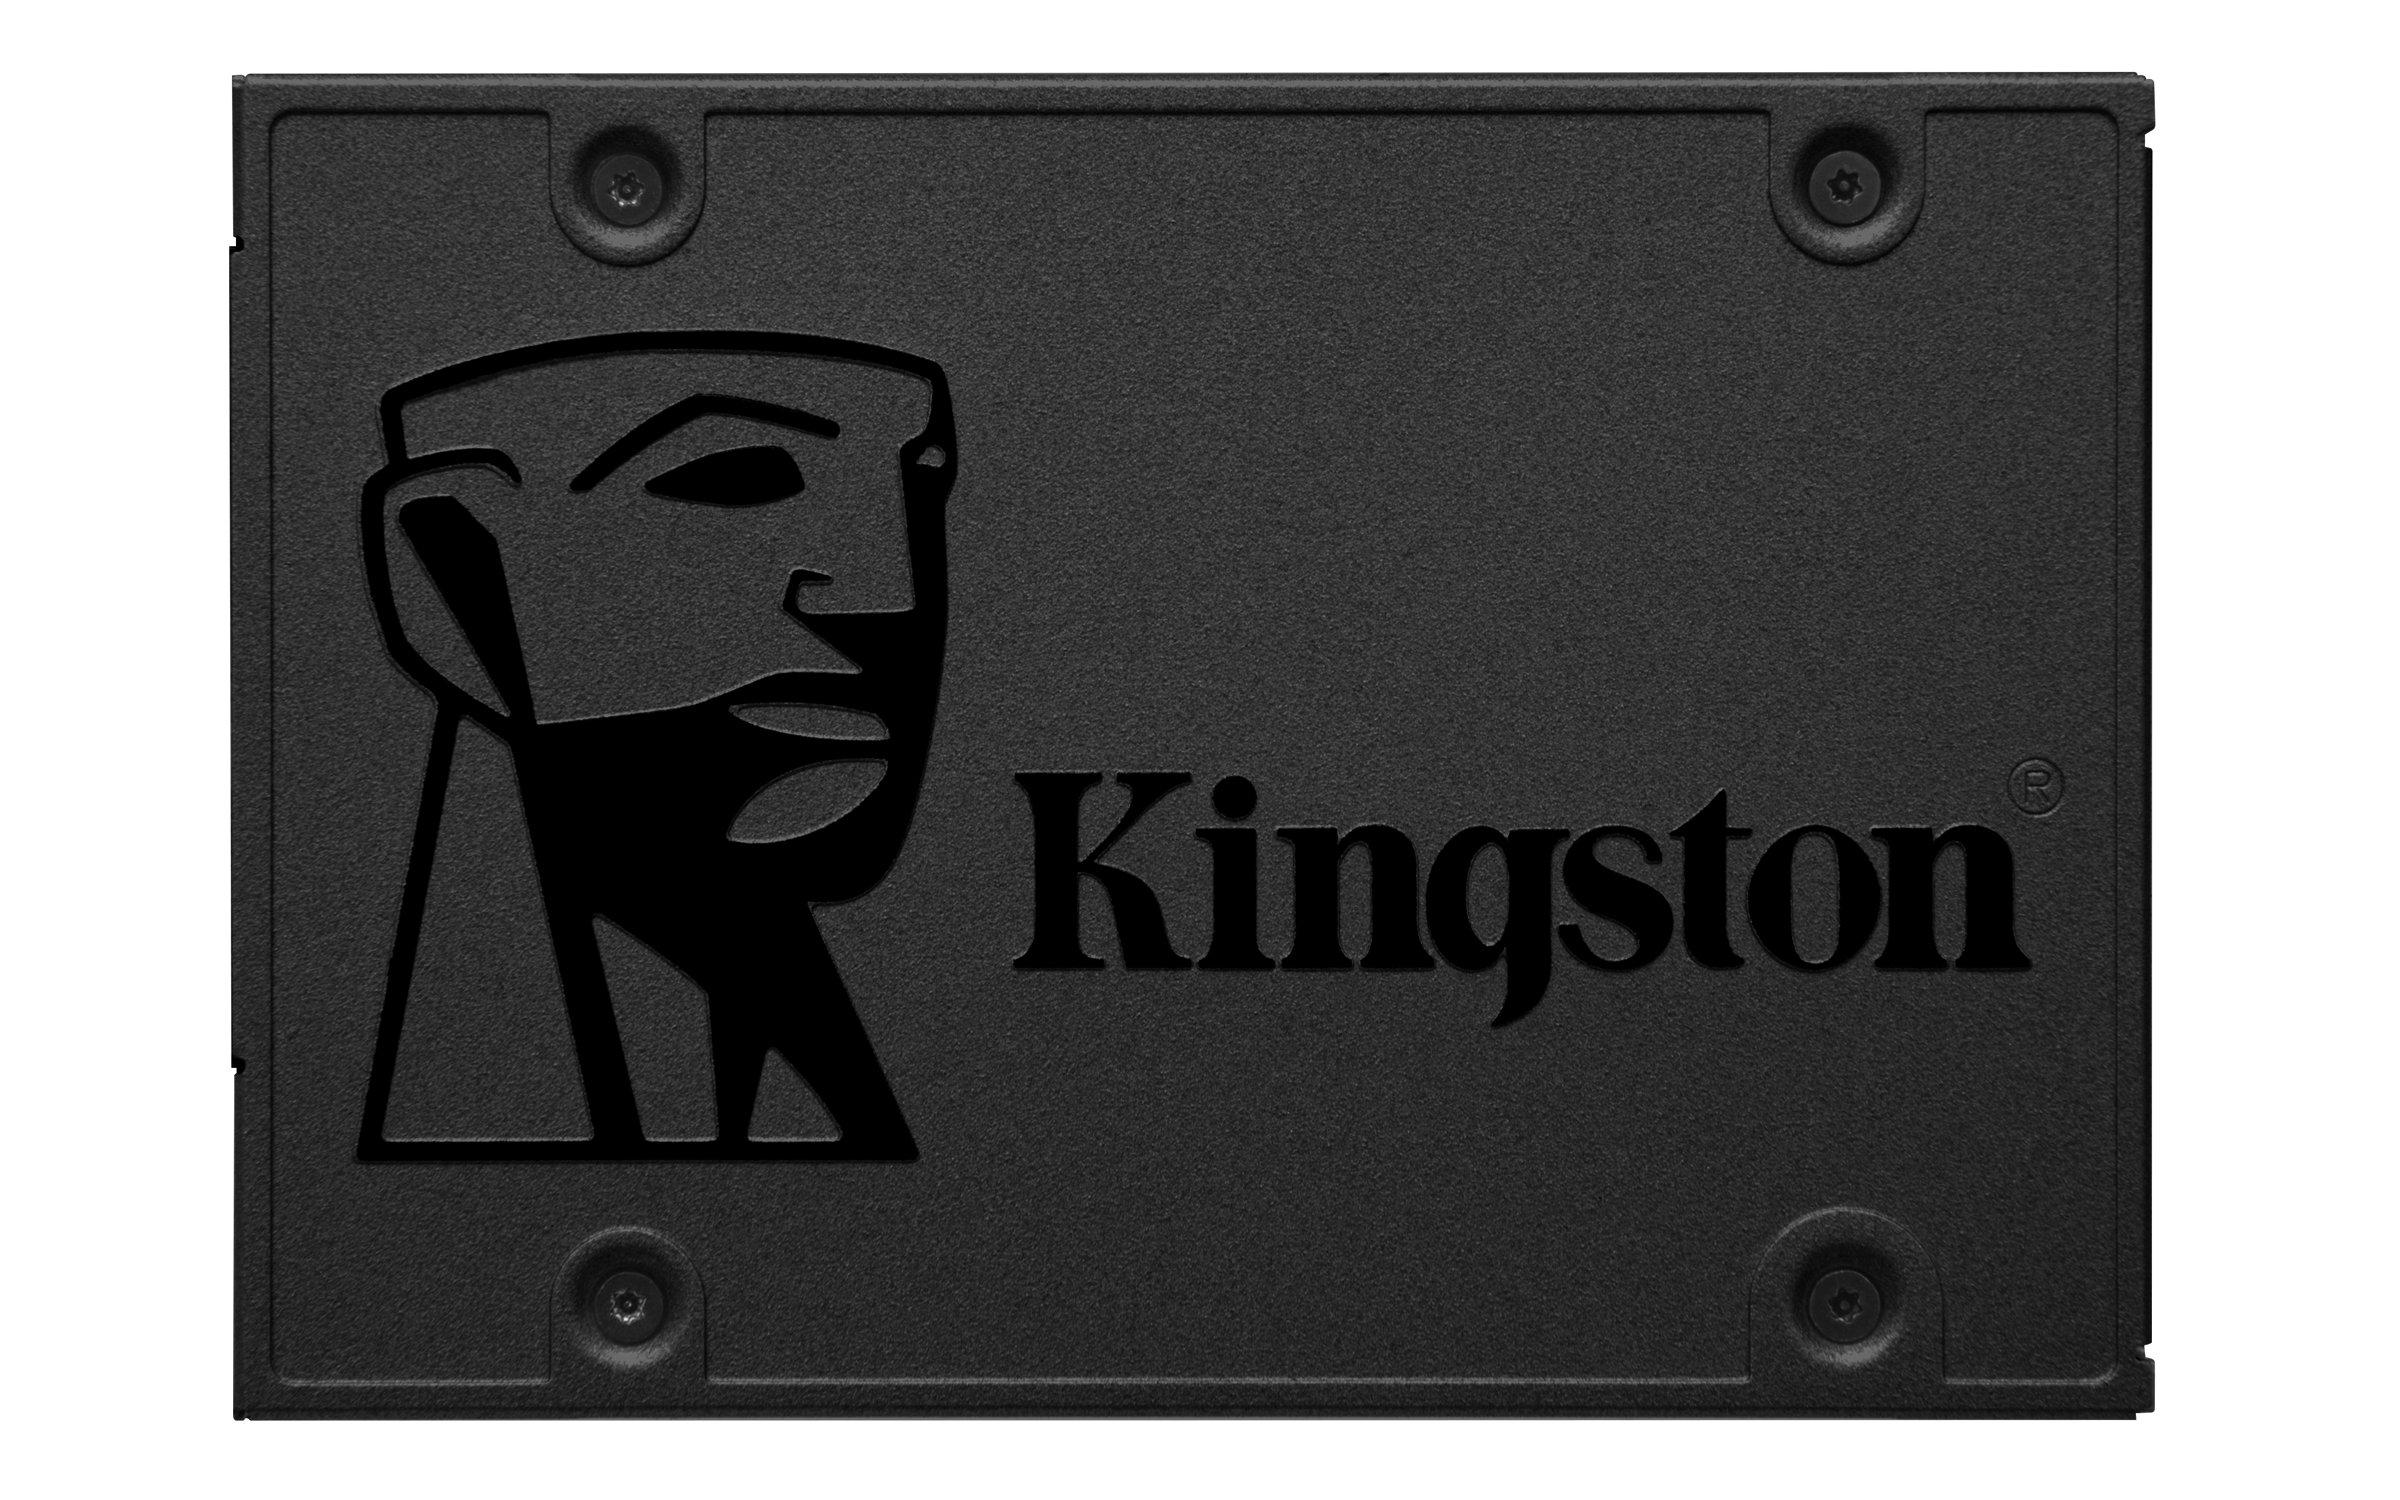 Kingston 480GB Solid SA400S37 480G